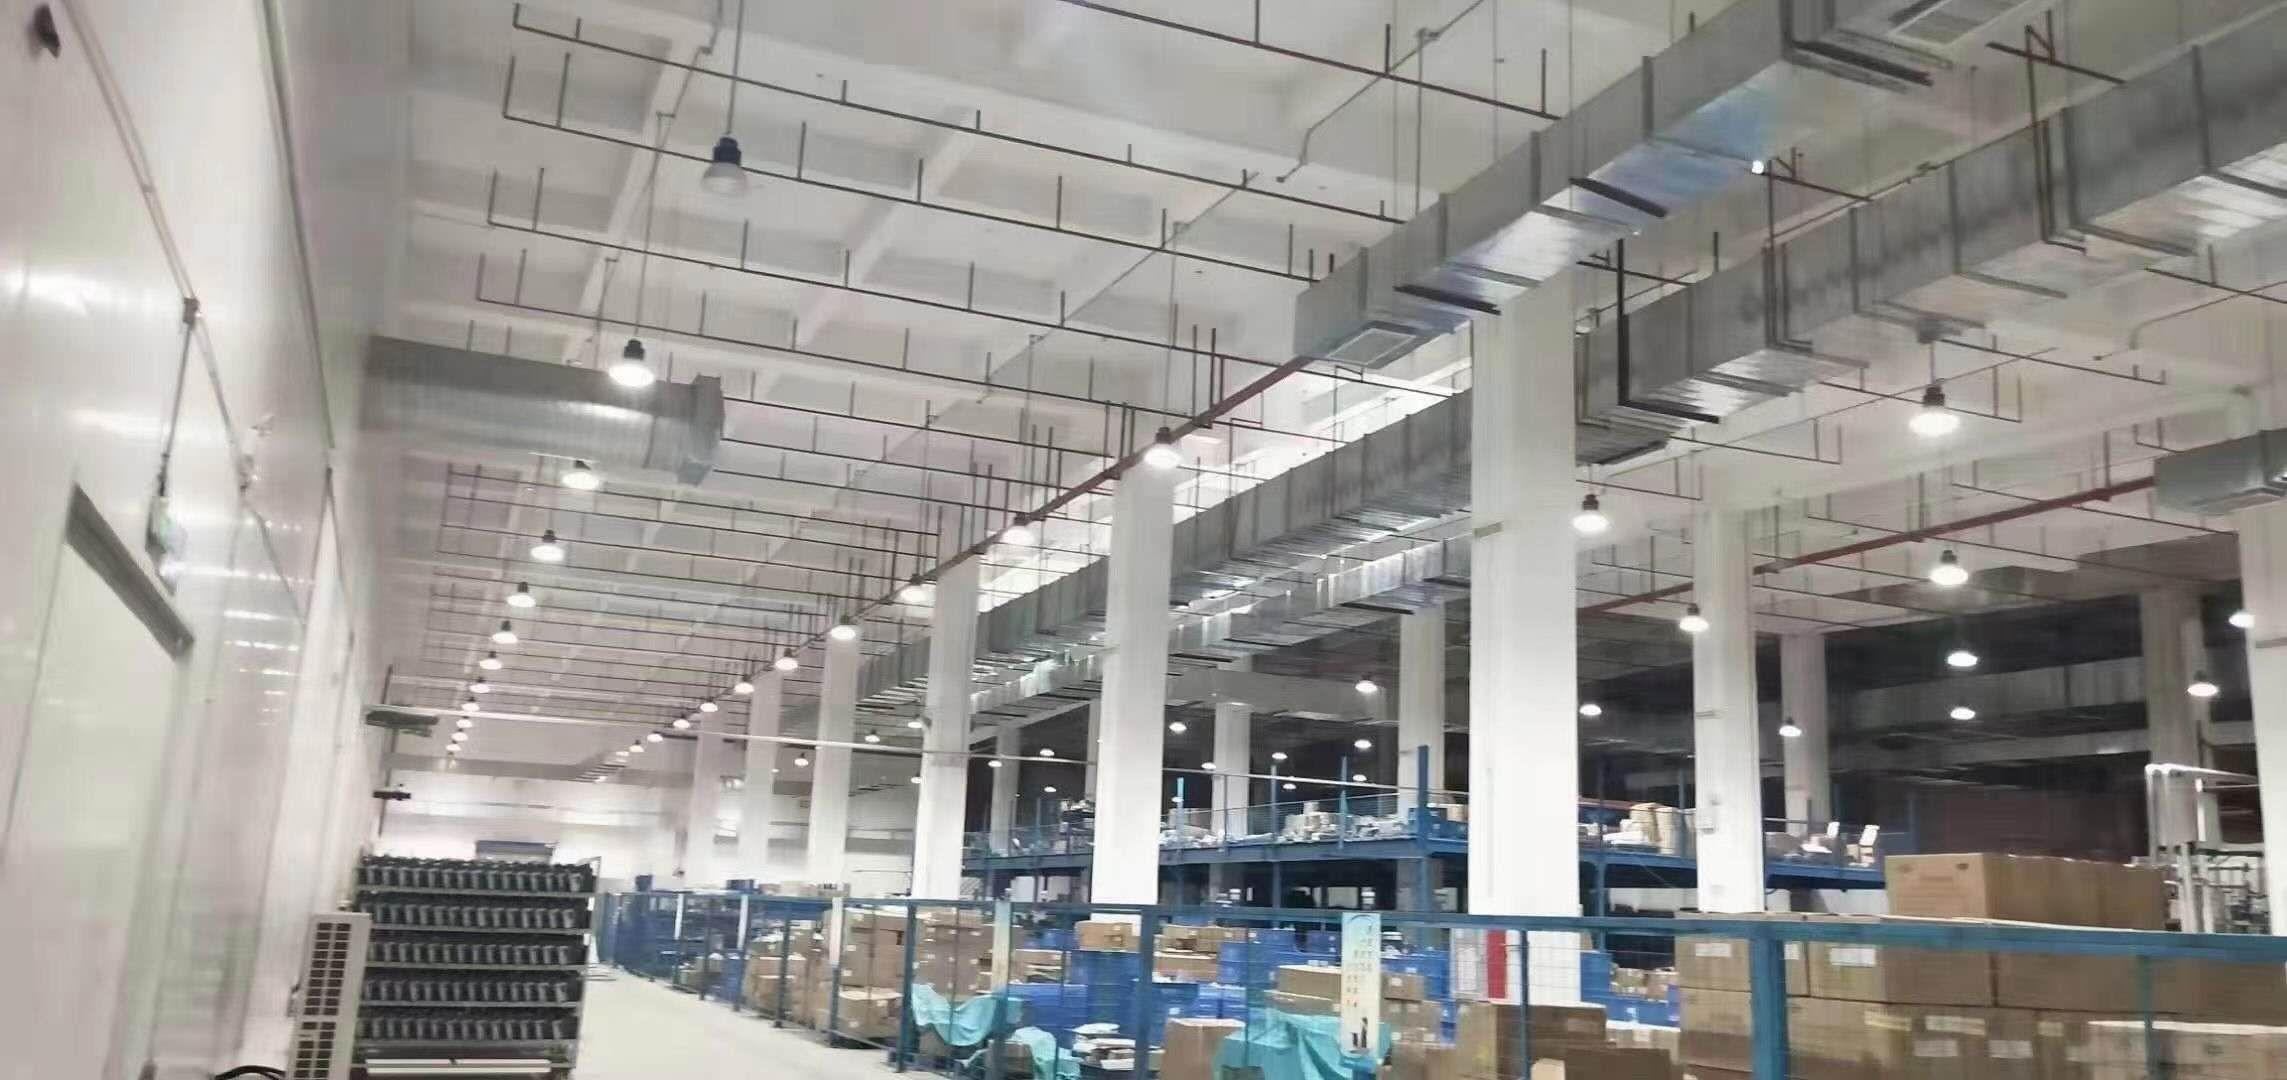 龙岗宝龙工业园3万平带卸货平台层高七米,物流园仓库非常合适